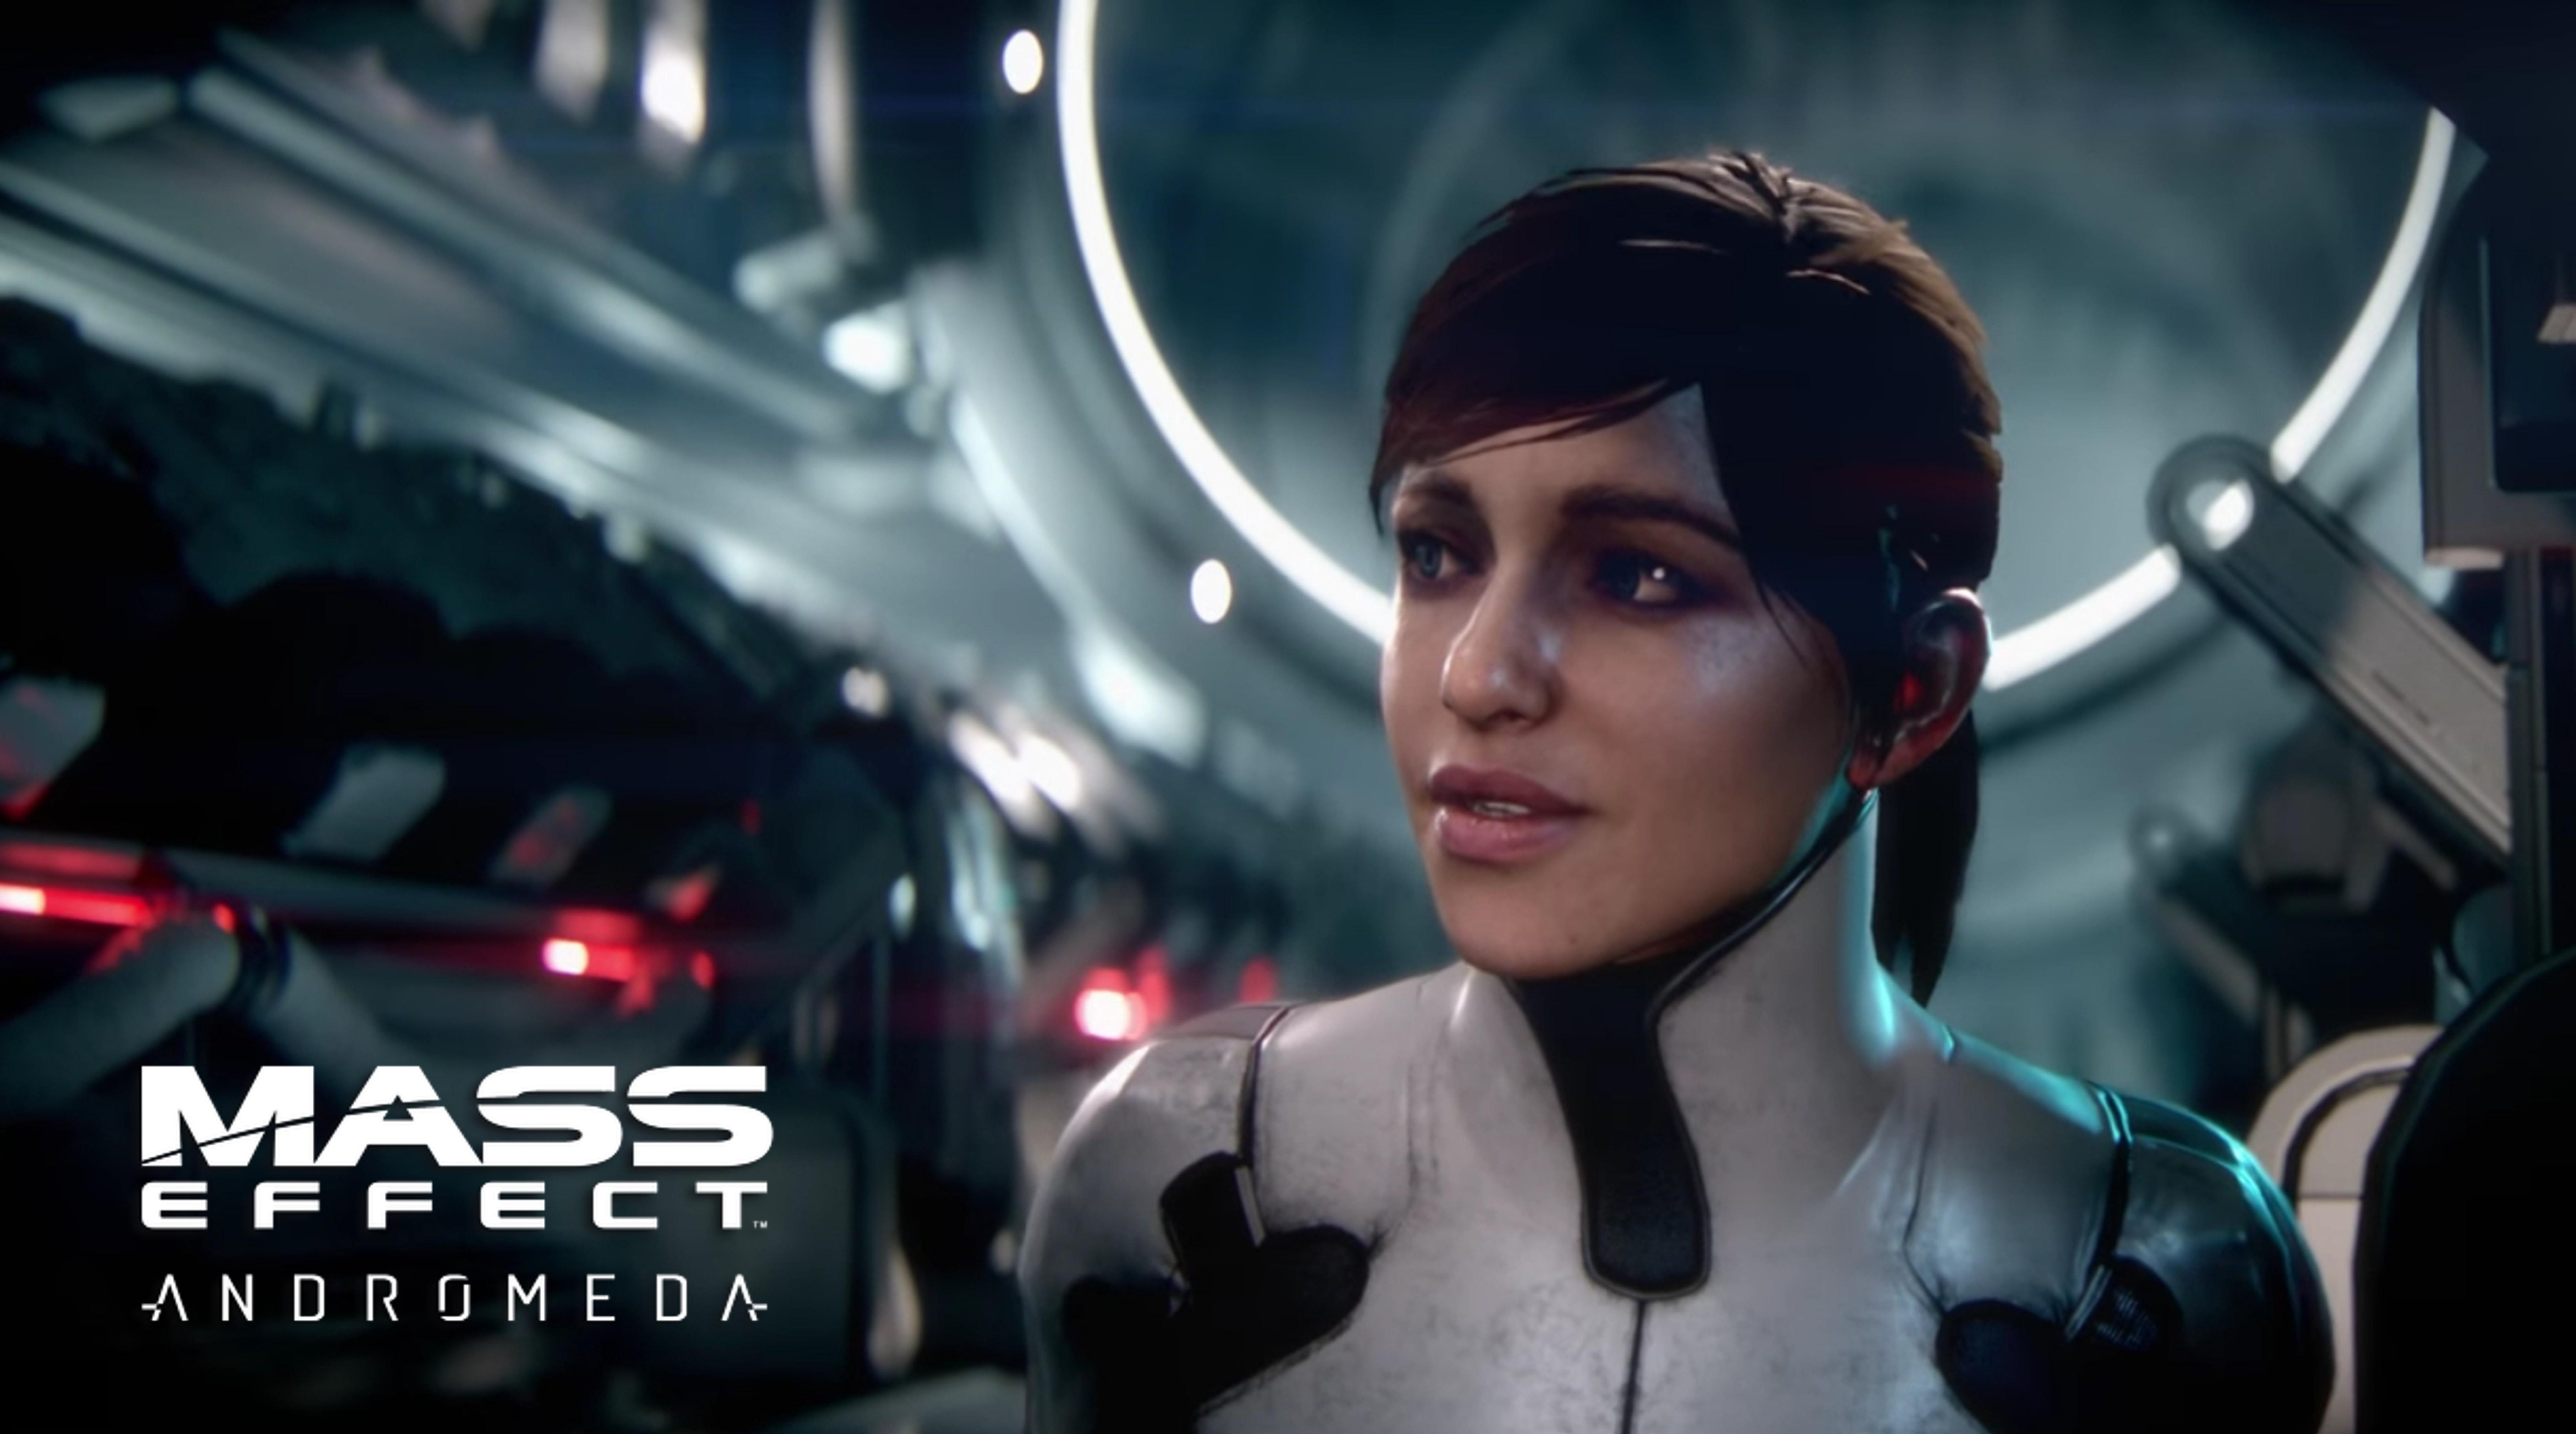 Mass Effect Andromeda Mass Effect Ryder Video Games Sara Ryder Wallpaper Resolution 6558x3650 Id 514671 Wallha Com